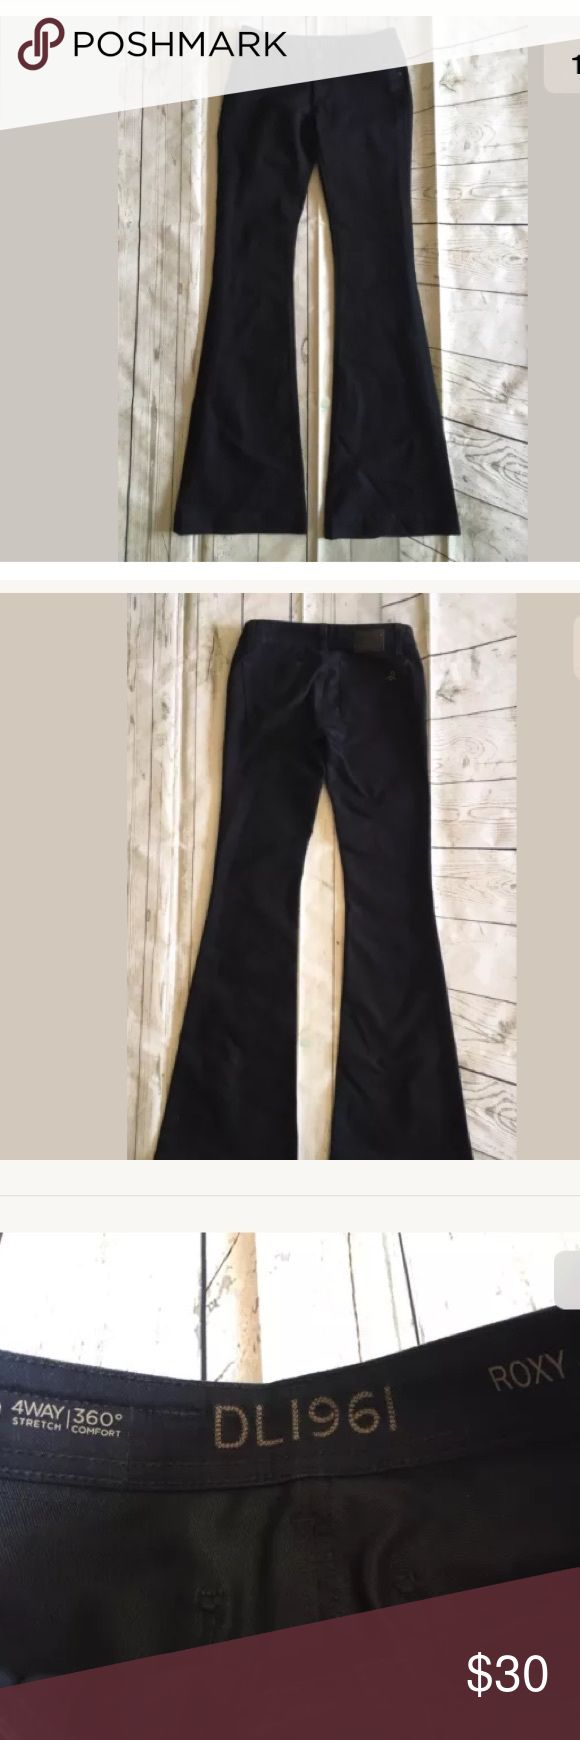 DL1961 Women's Roxy Kick Flare Dark Wash Jeans 25 DL1961 Women's Roxy Kick Flare Dark Wash Jeans Sz 25 DL1961 Jeans Flare & Wide Leg